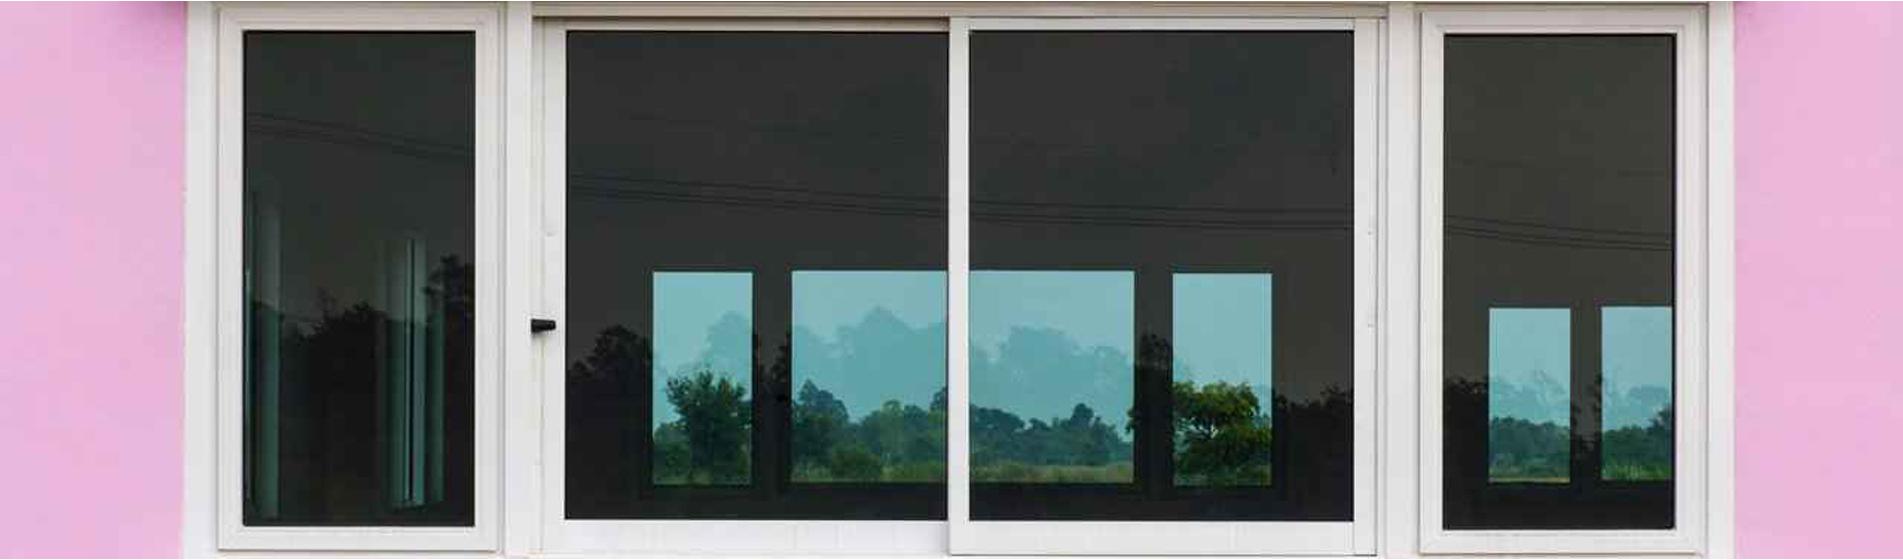 rénovation fenêtre pvc sur-mesure 13 Bouches-du-Rhône